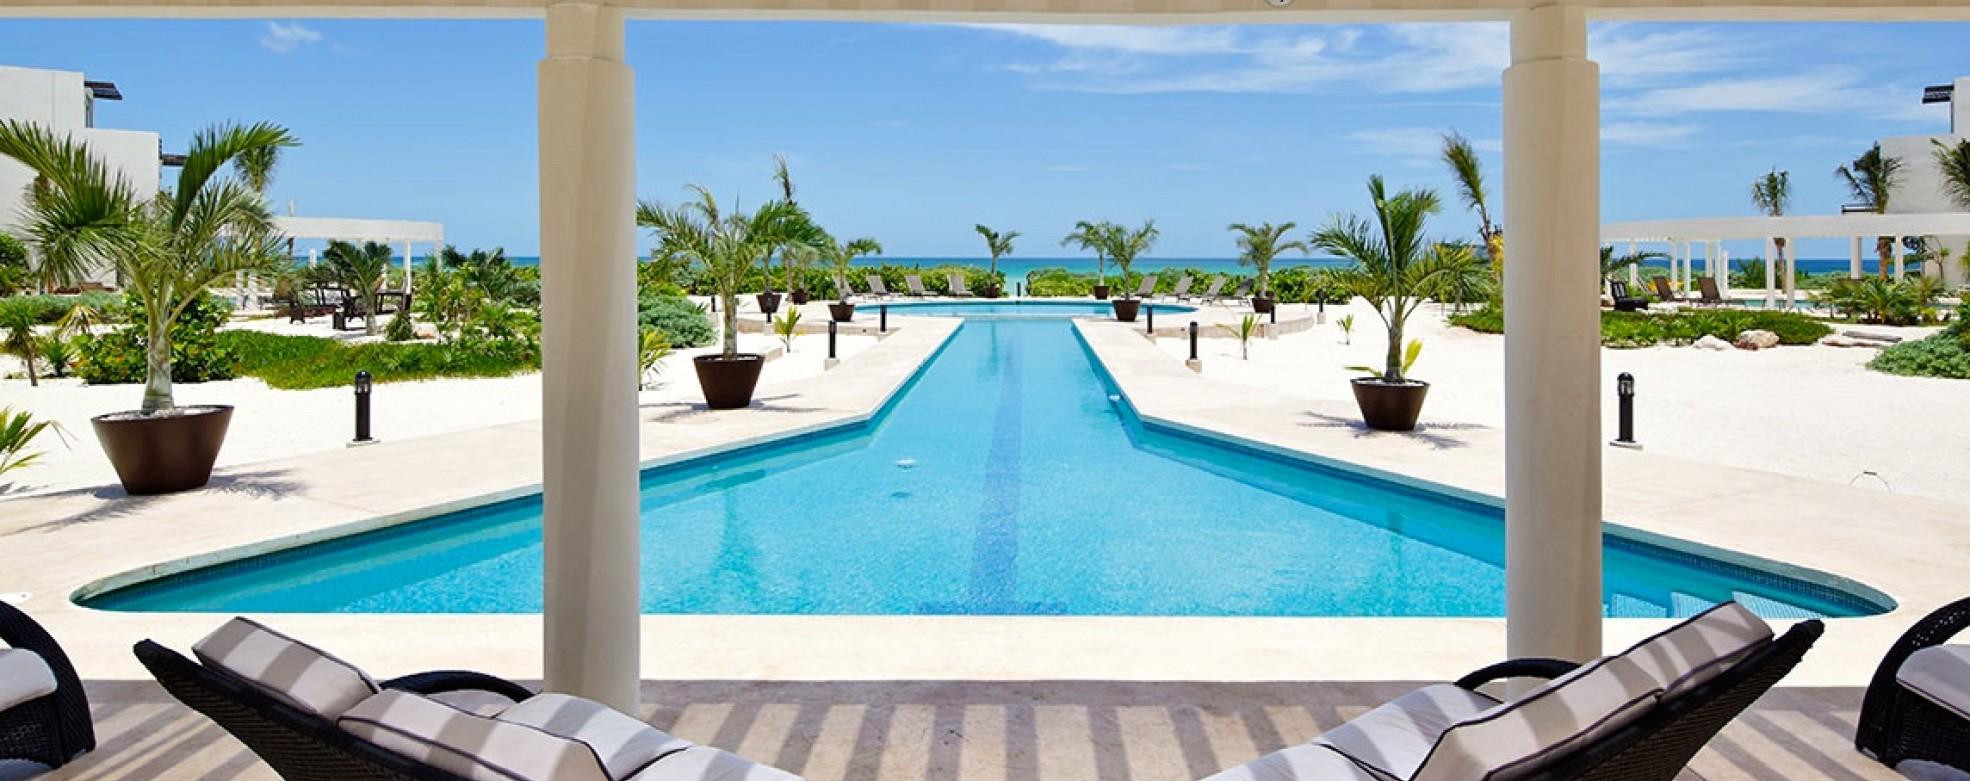 Apartment In Villas Wayak Yucatan Coast Yucatan Real